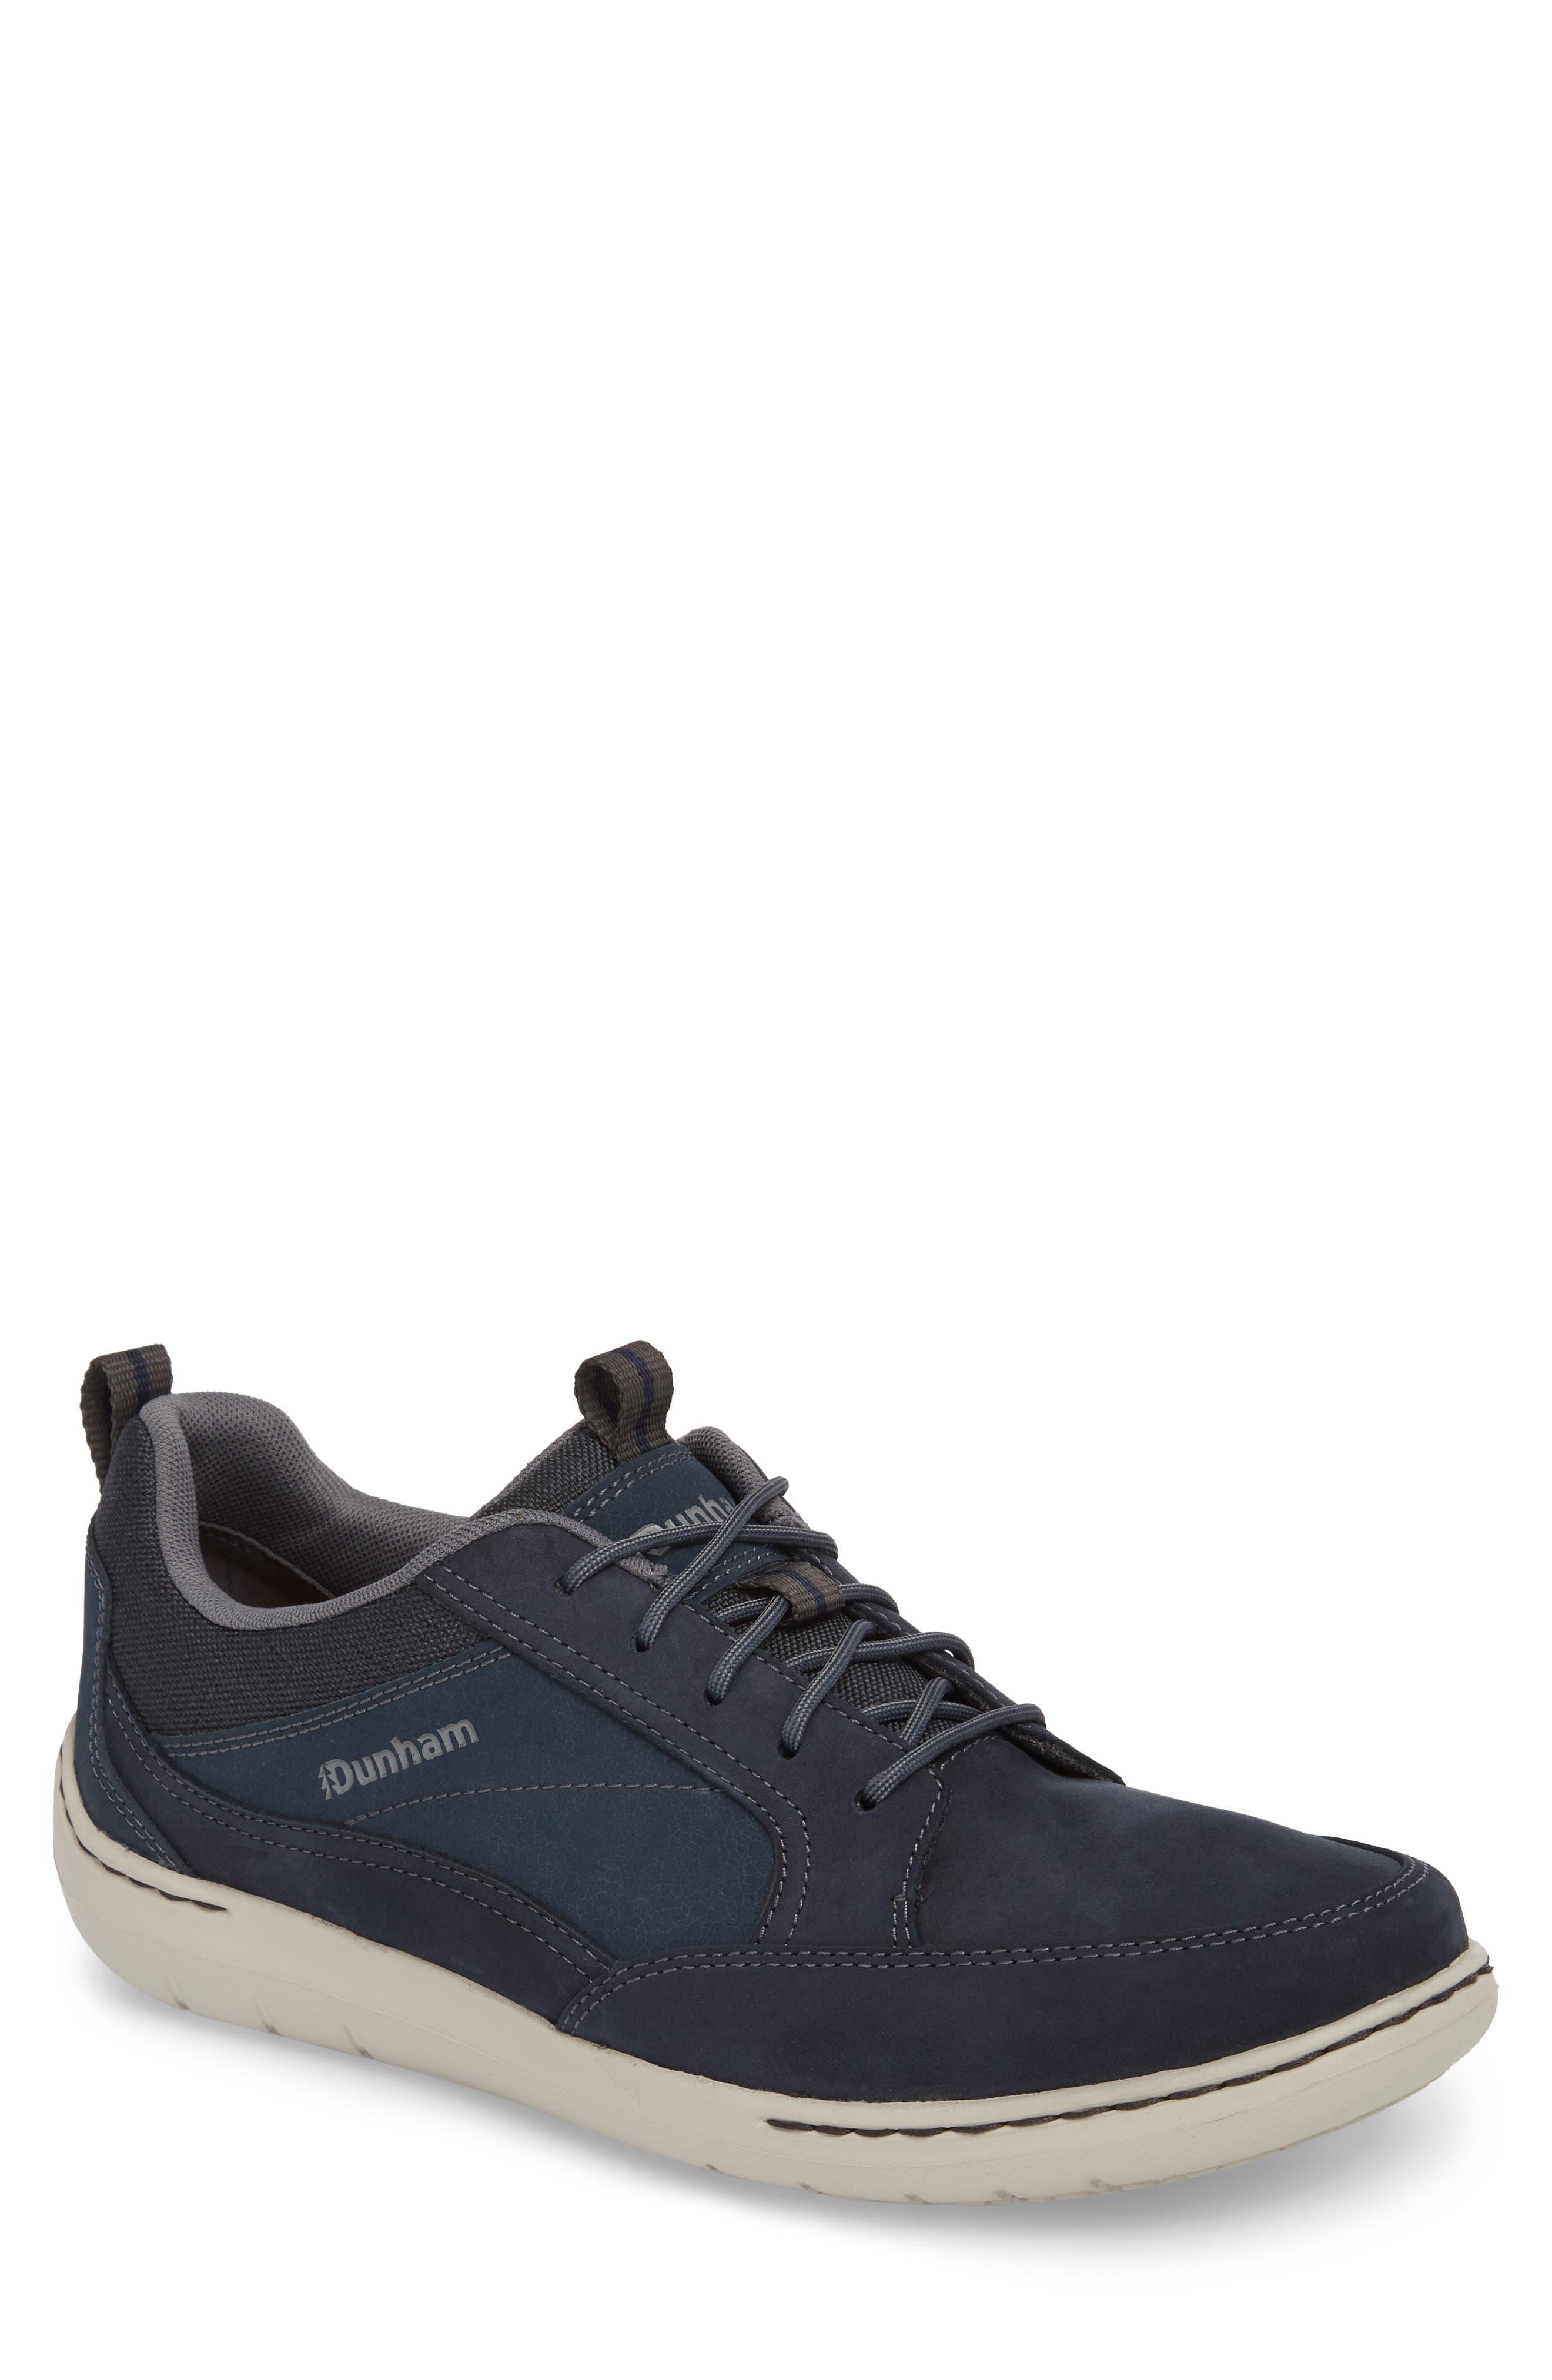 Dunham D Fit Smart Sneaker (Men)